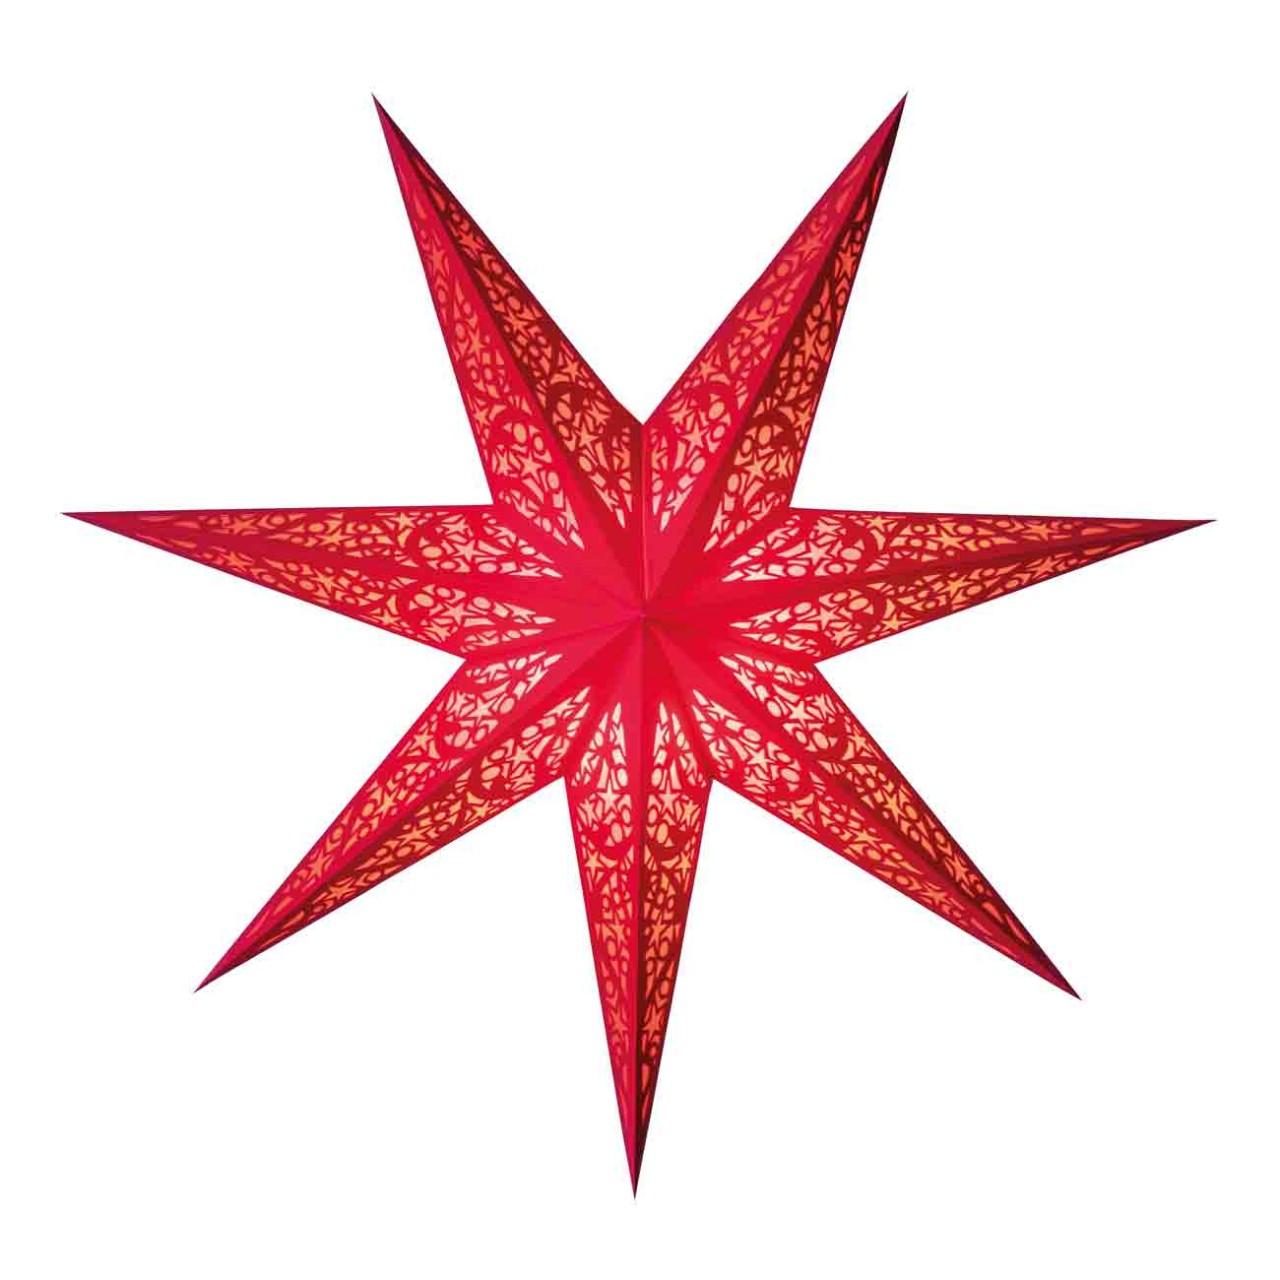 starlightz lux red - size M - Scherenschnitt Design